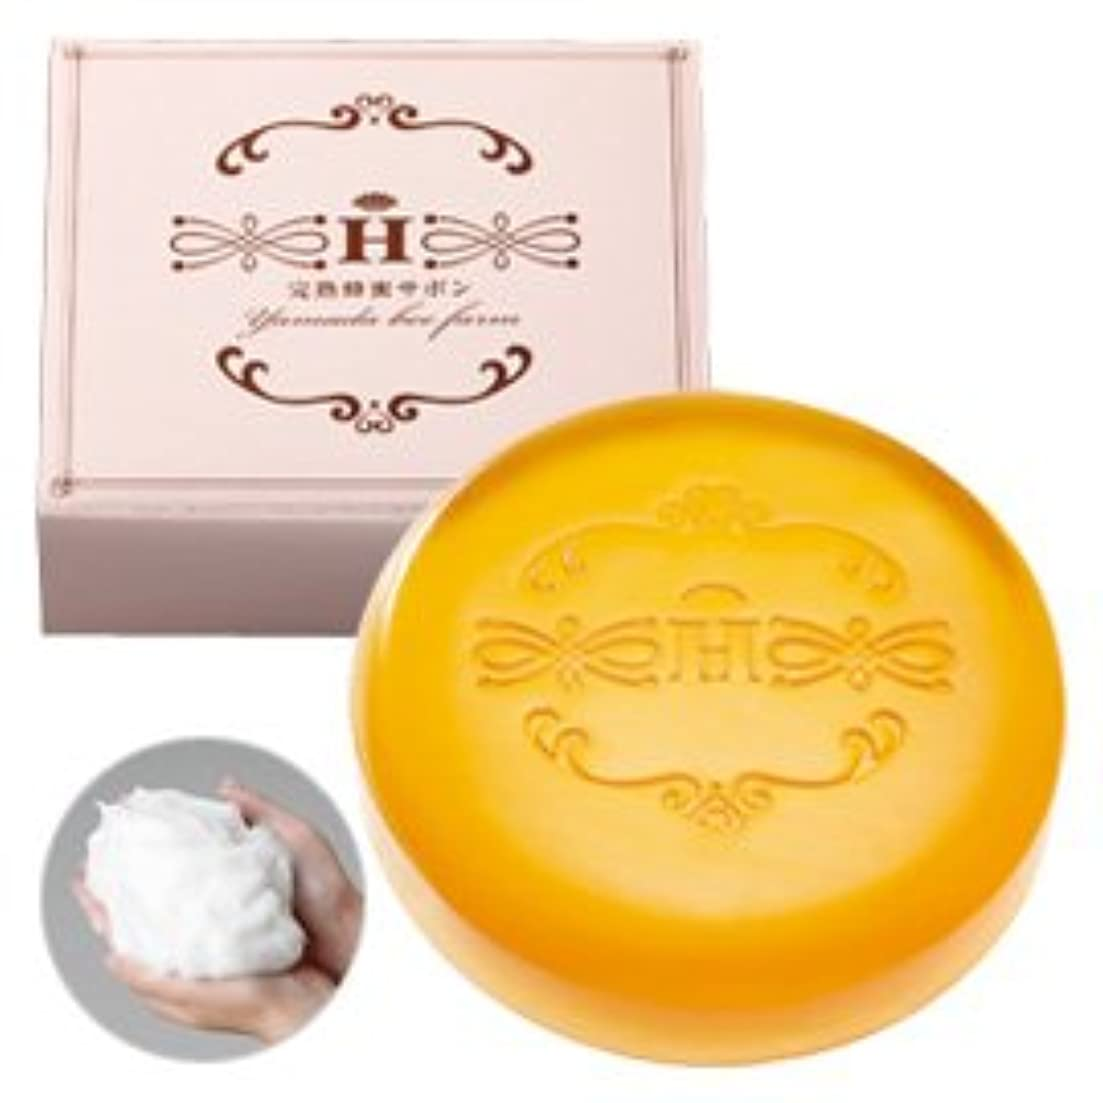 盟主動機付ける確率ハニーラボ 完熟蜂蜜サボン〈枠練〉 60g (箱入り)/Honey Lab Ripen Honey Soap <60g> In a box